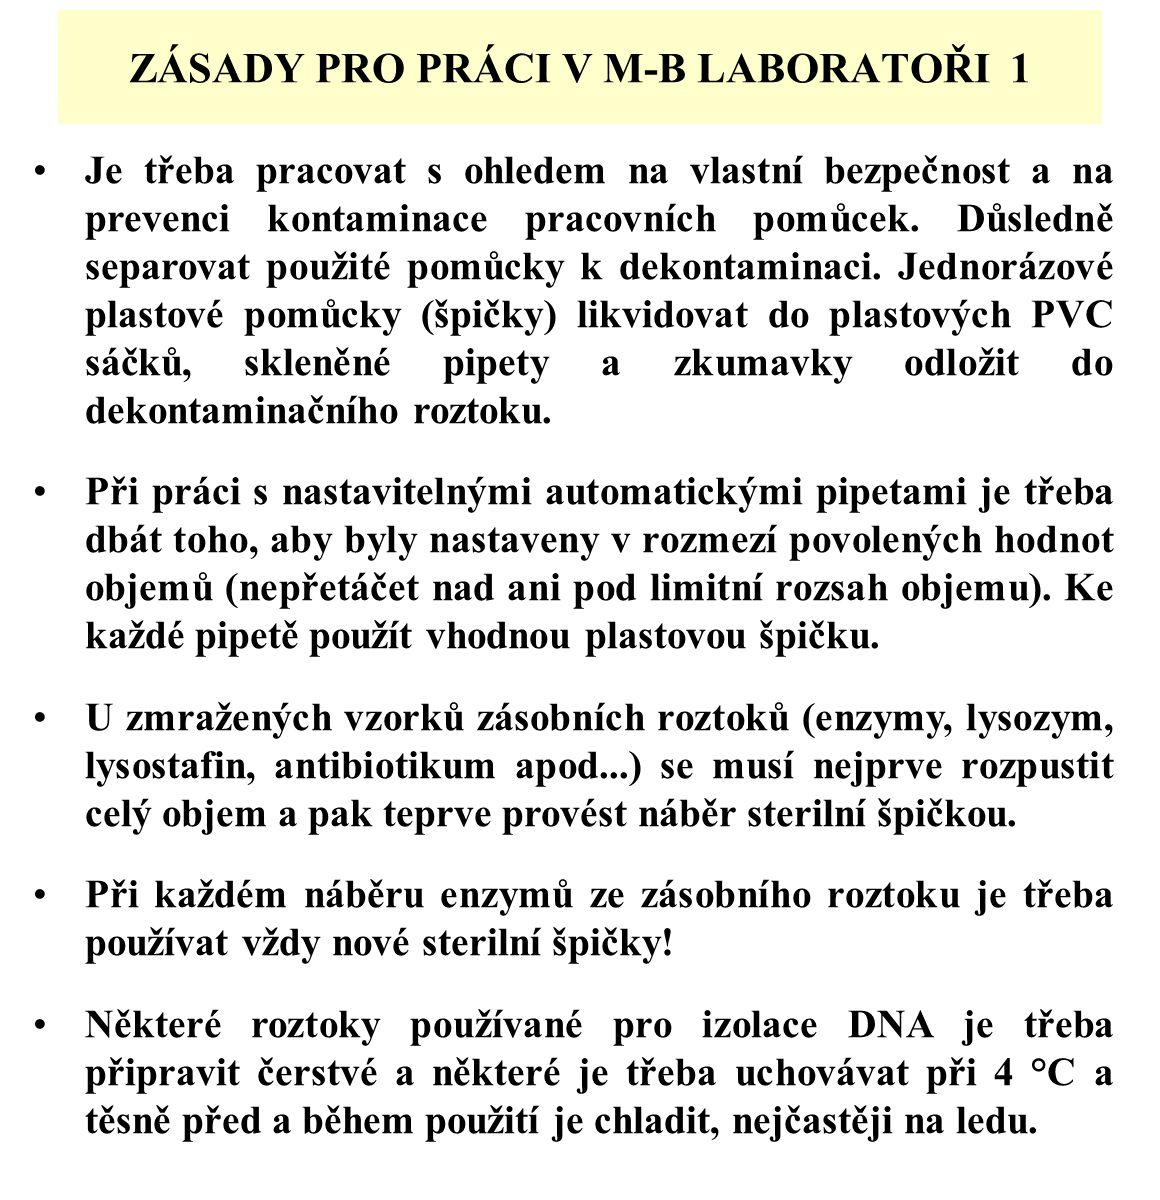 ZÁSADY PRO PRÁCI V M-B LABORATOŘI 1 Je třeba pracovat s ohledem na vlastní bezpečnost a na prevenci kontaminace pracovních pomůcek.